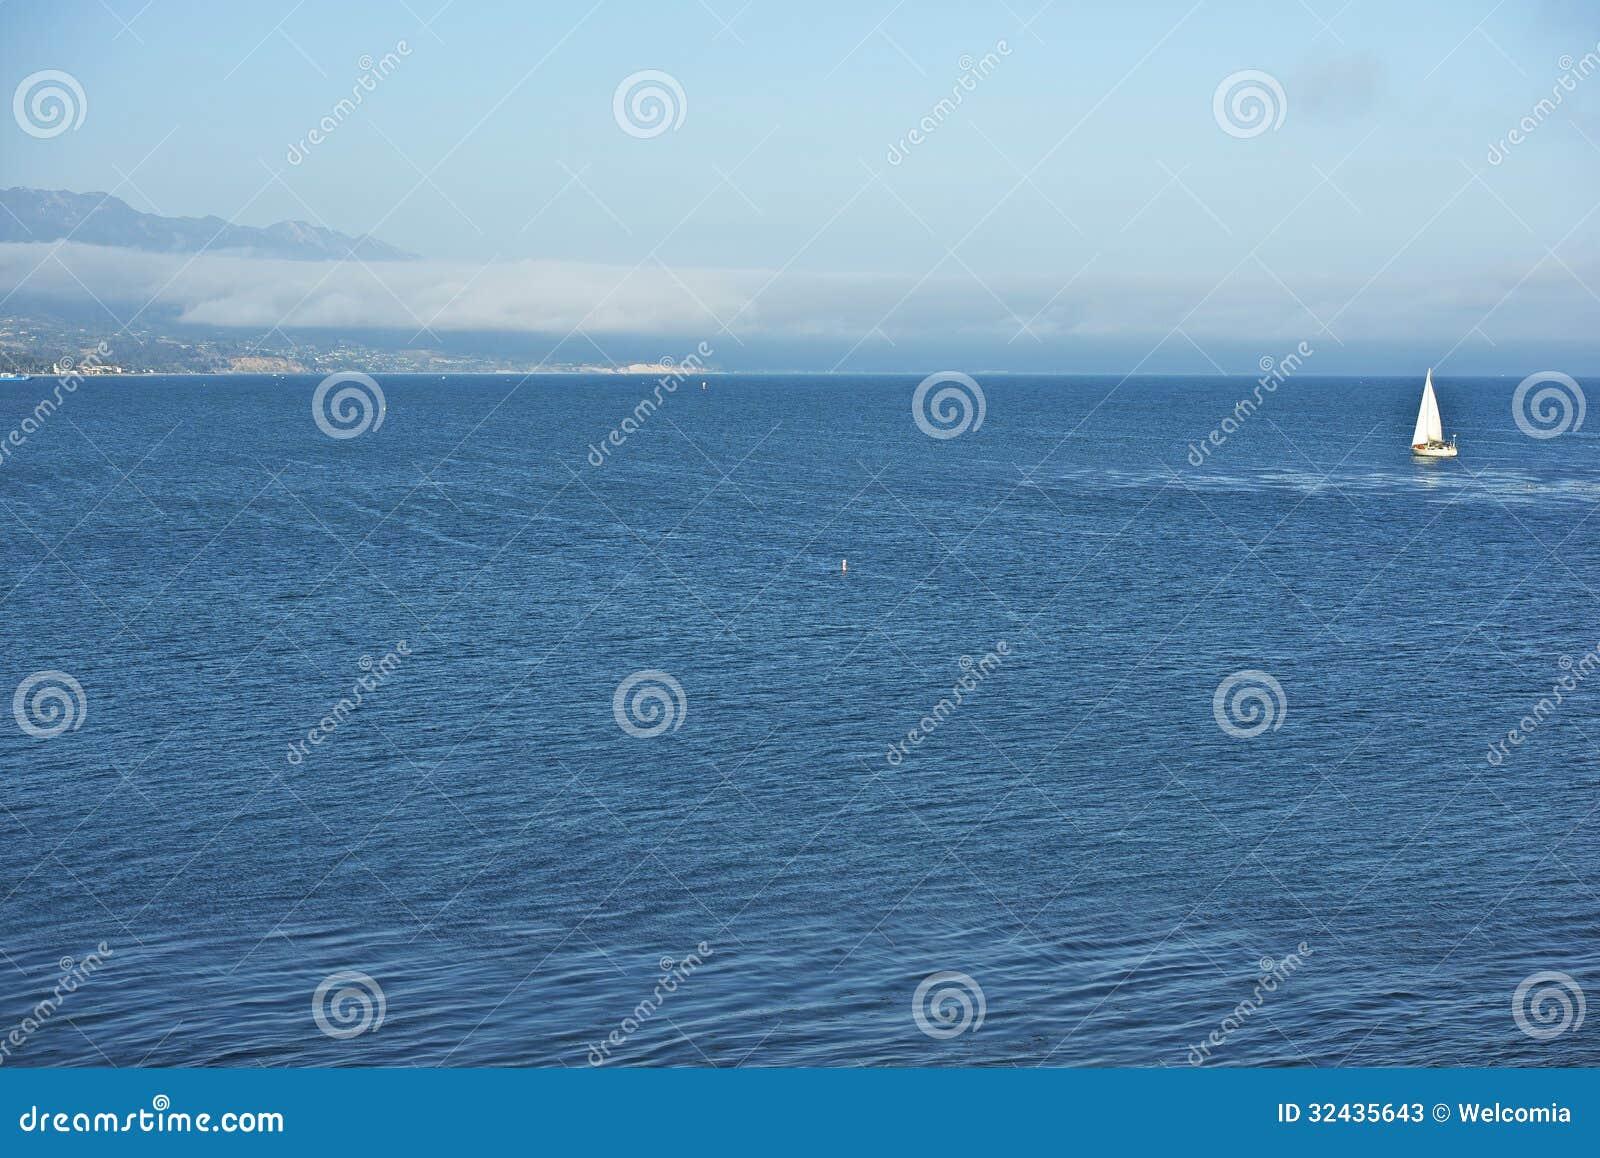 Vreedzame Oceaansanta barbara